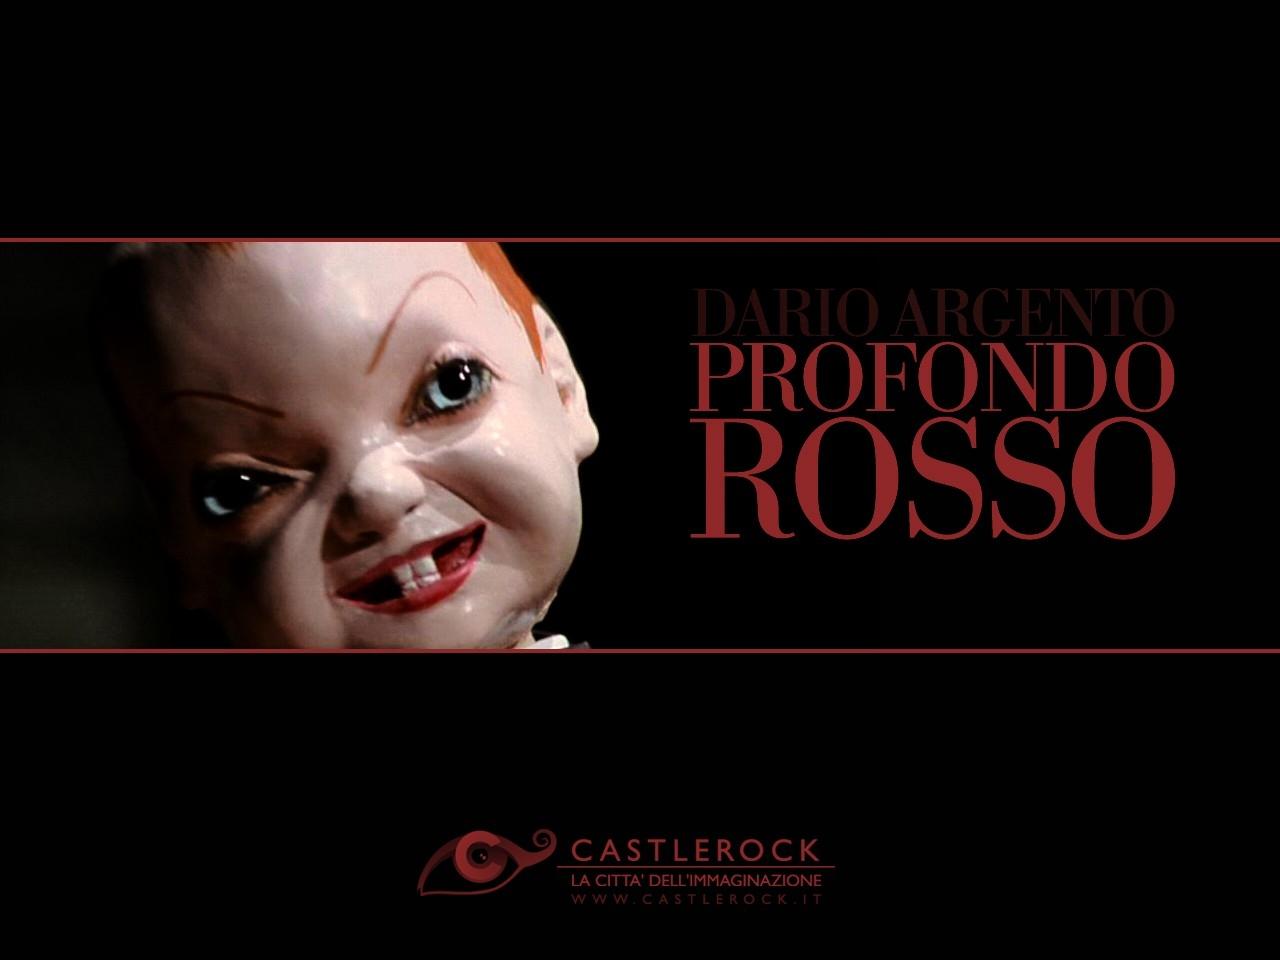 Wallpaper del film Profondo Rosso di Dario Argento